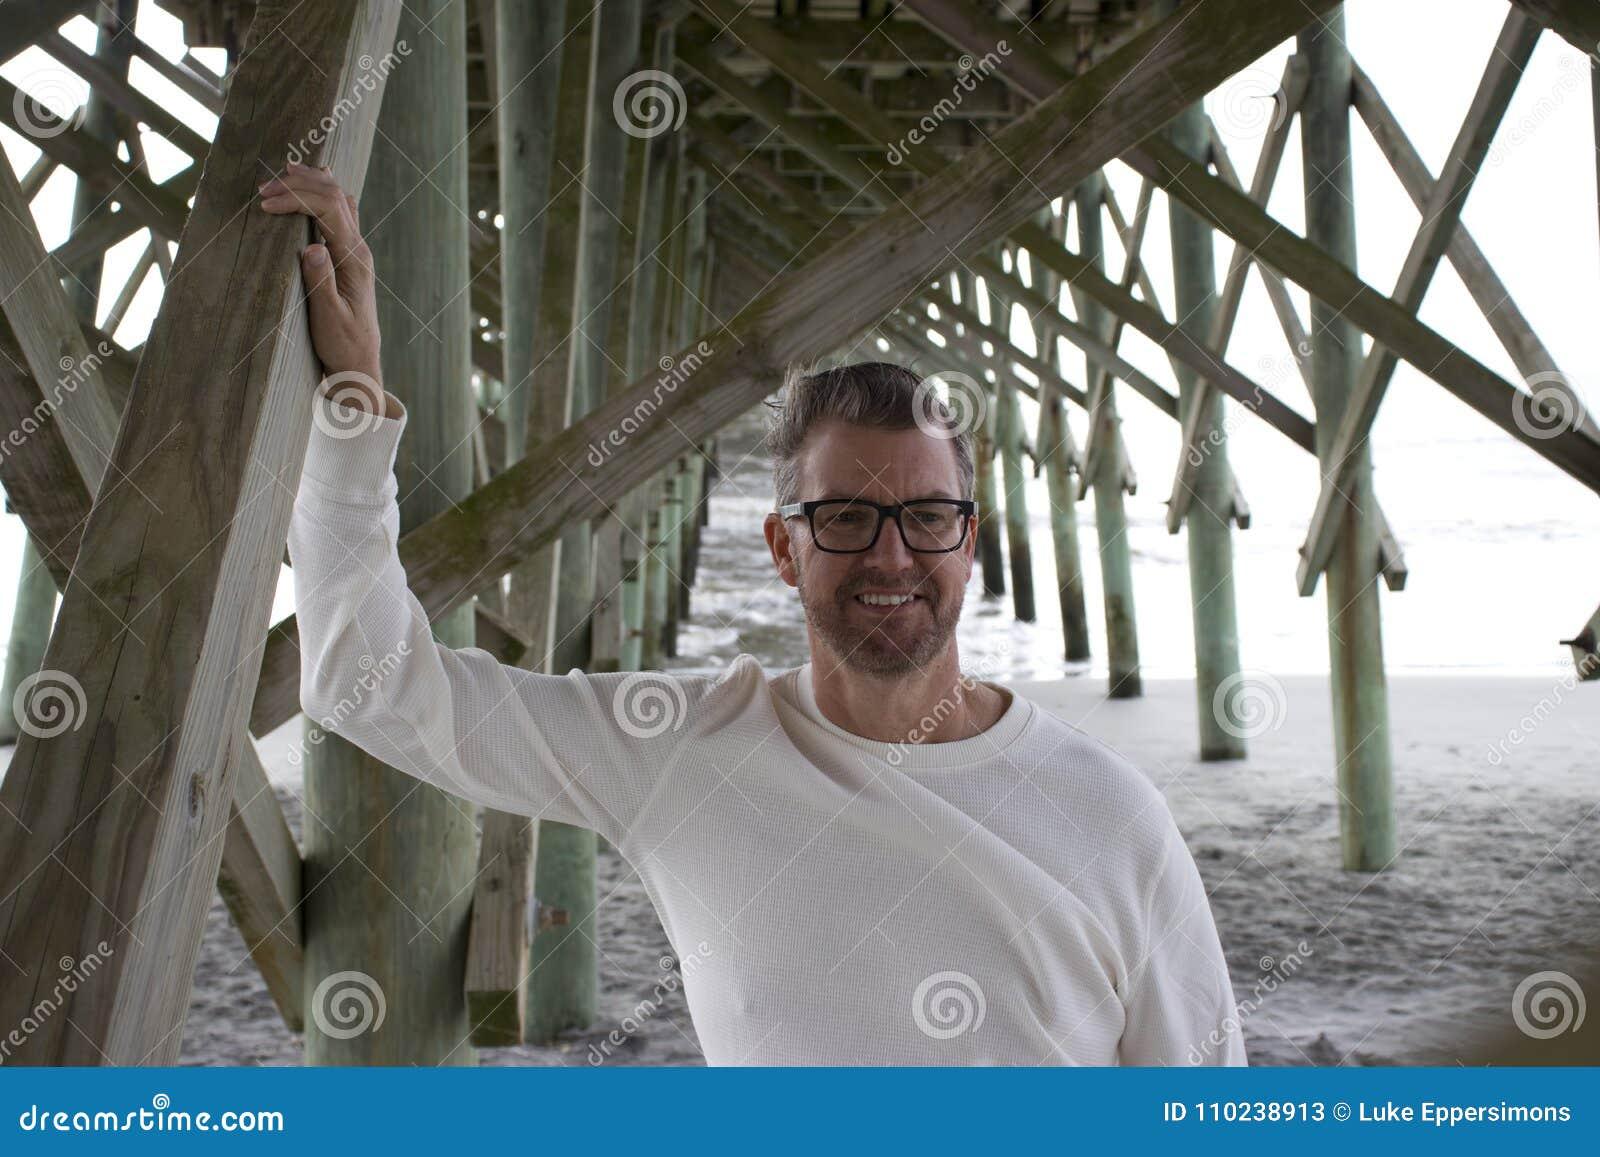 愚蠢海滩南卡罗来纳, 2018年2月17日-站立在海滩码头下的长袖的白色衬衣的人